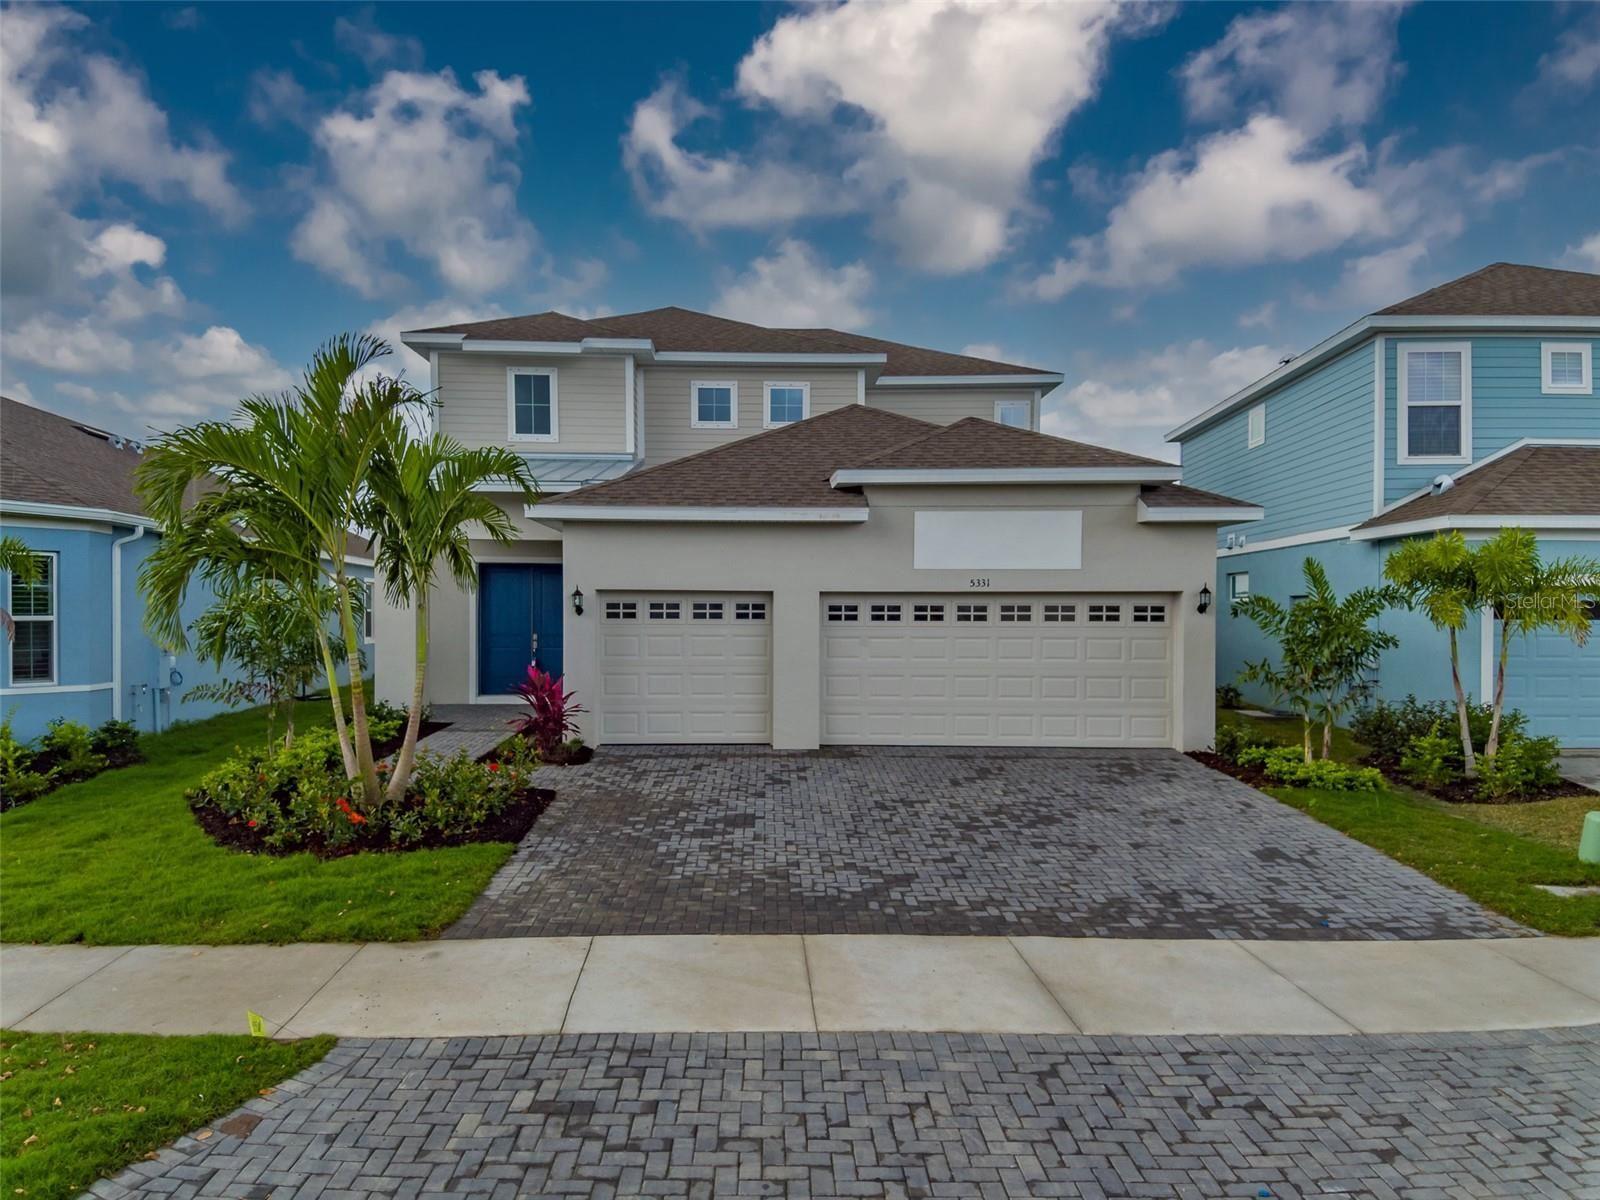 5331 WISHING ARCH DRIVE, Apollo Beach, FL 33572 - #: T3336789